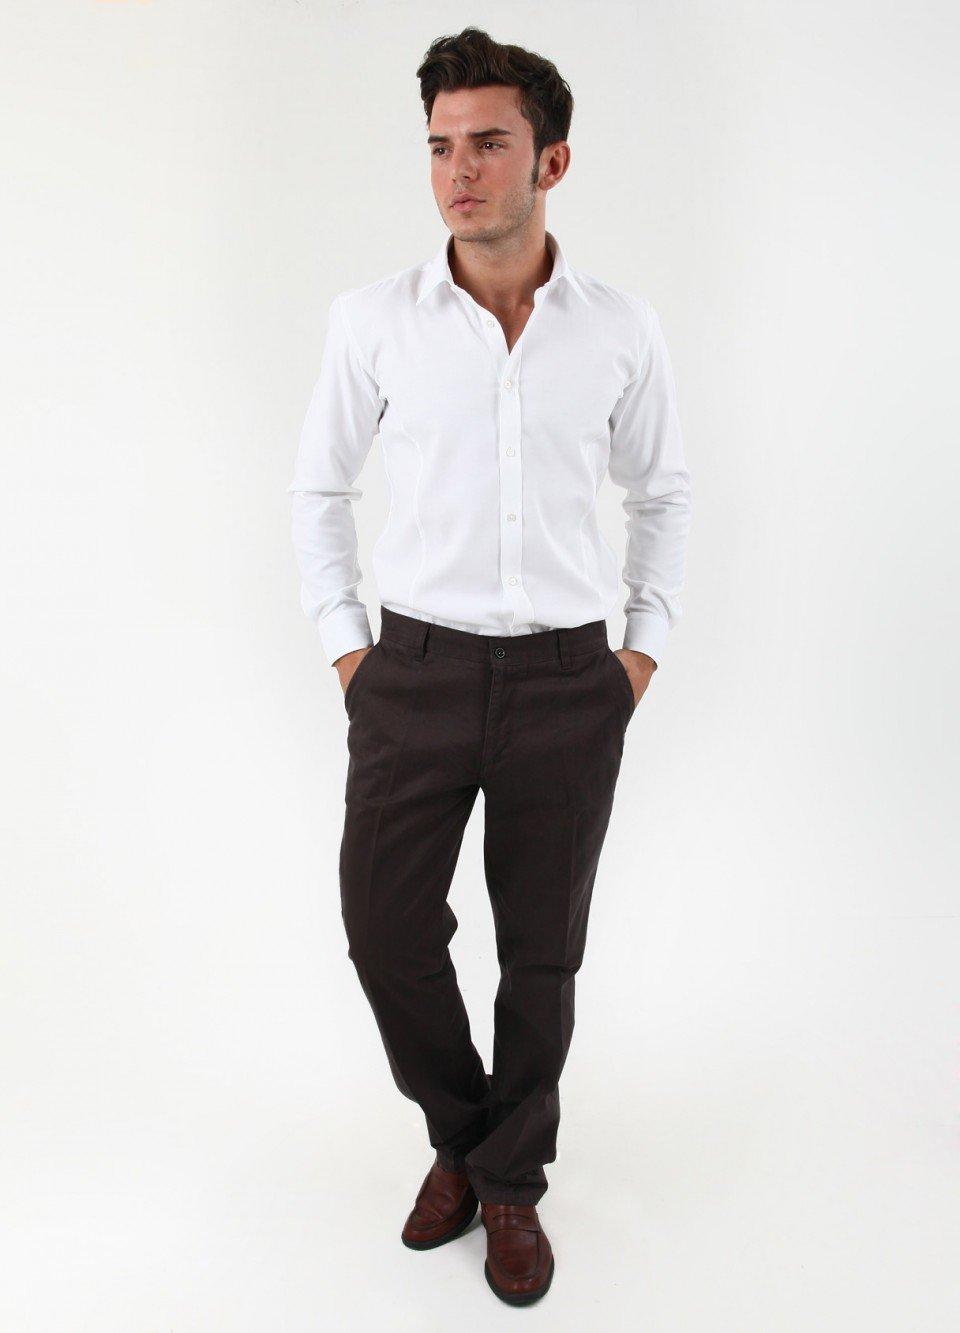 kasepantolon-flanel-pantolon